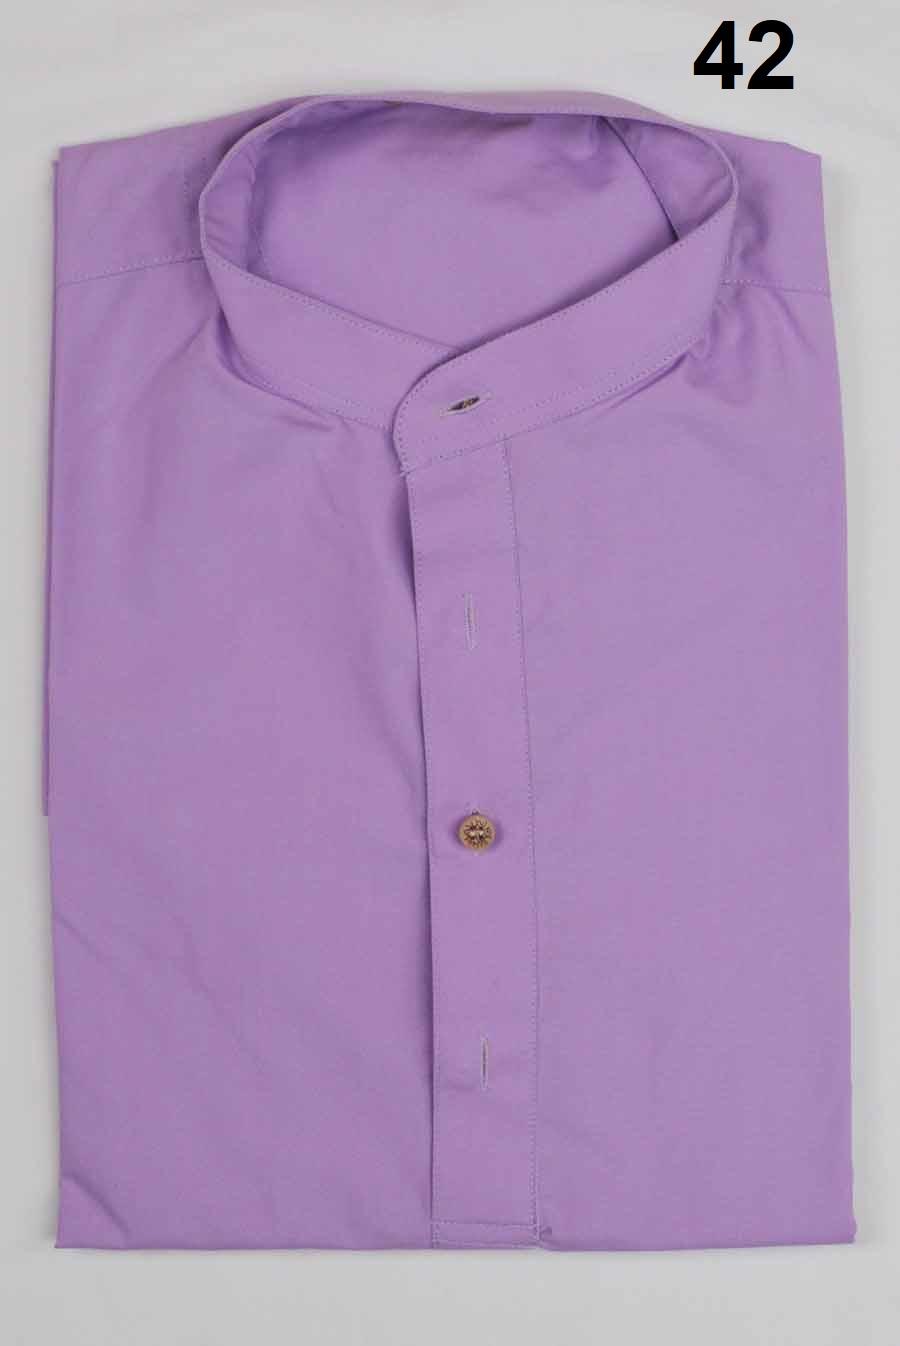 Cotton Kurta 9183 - 42